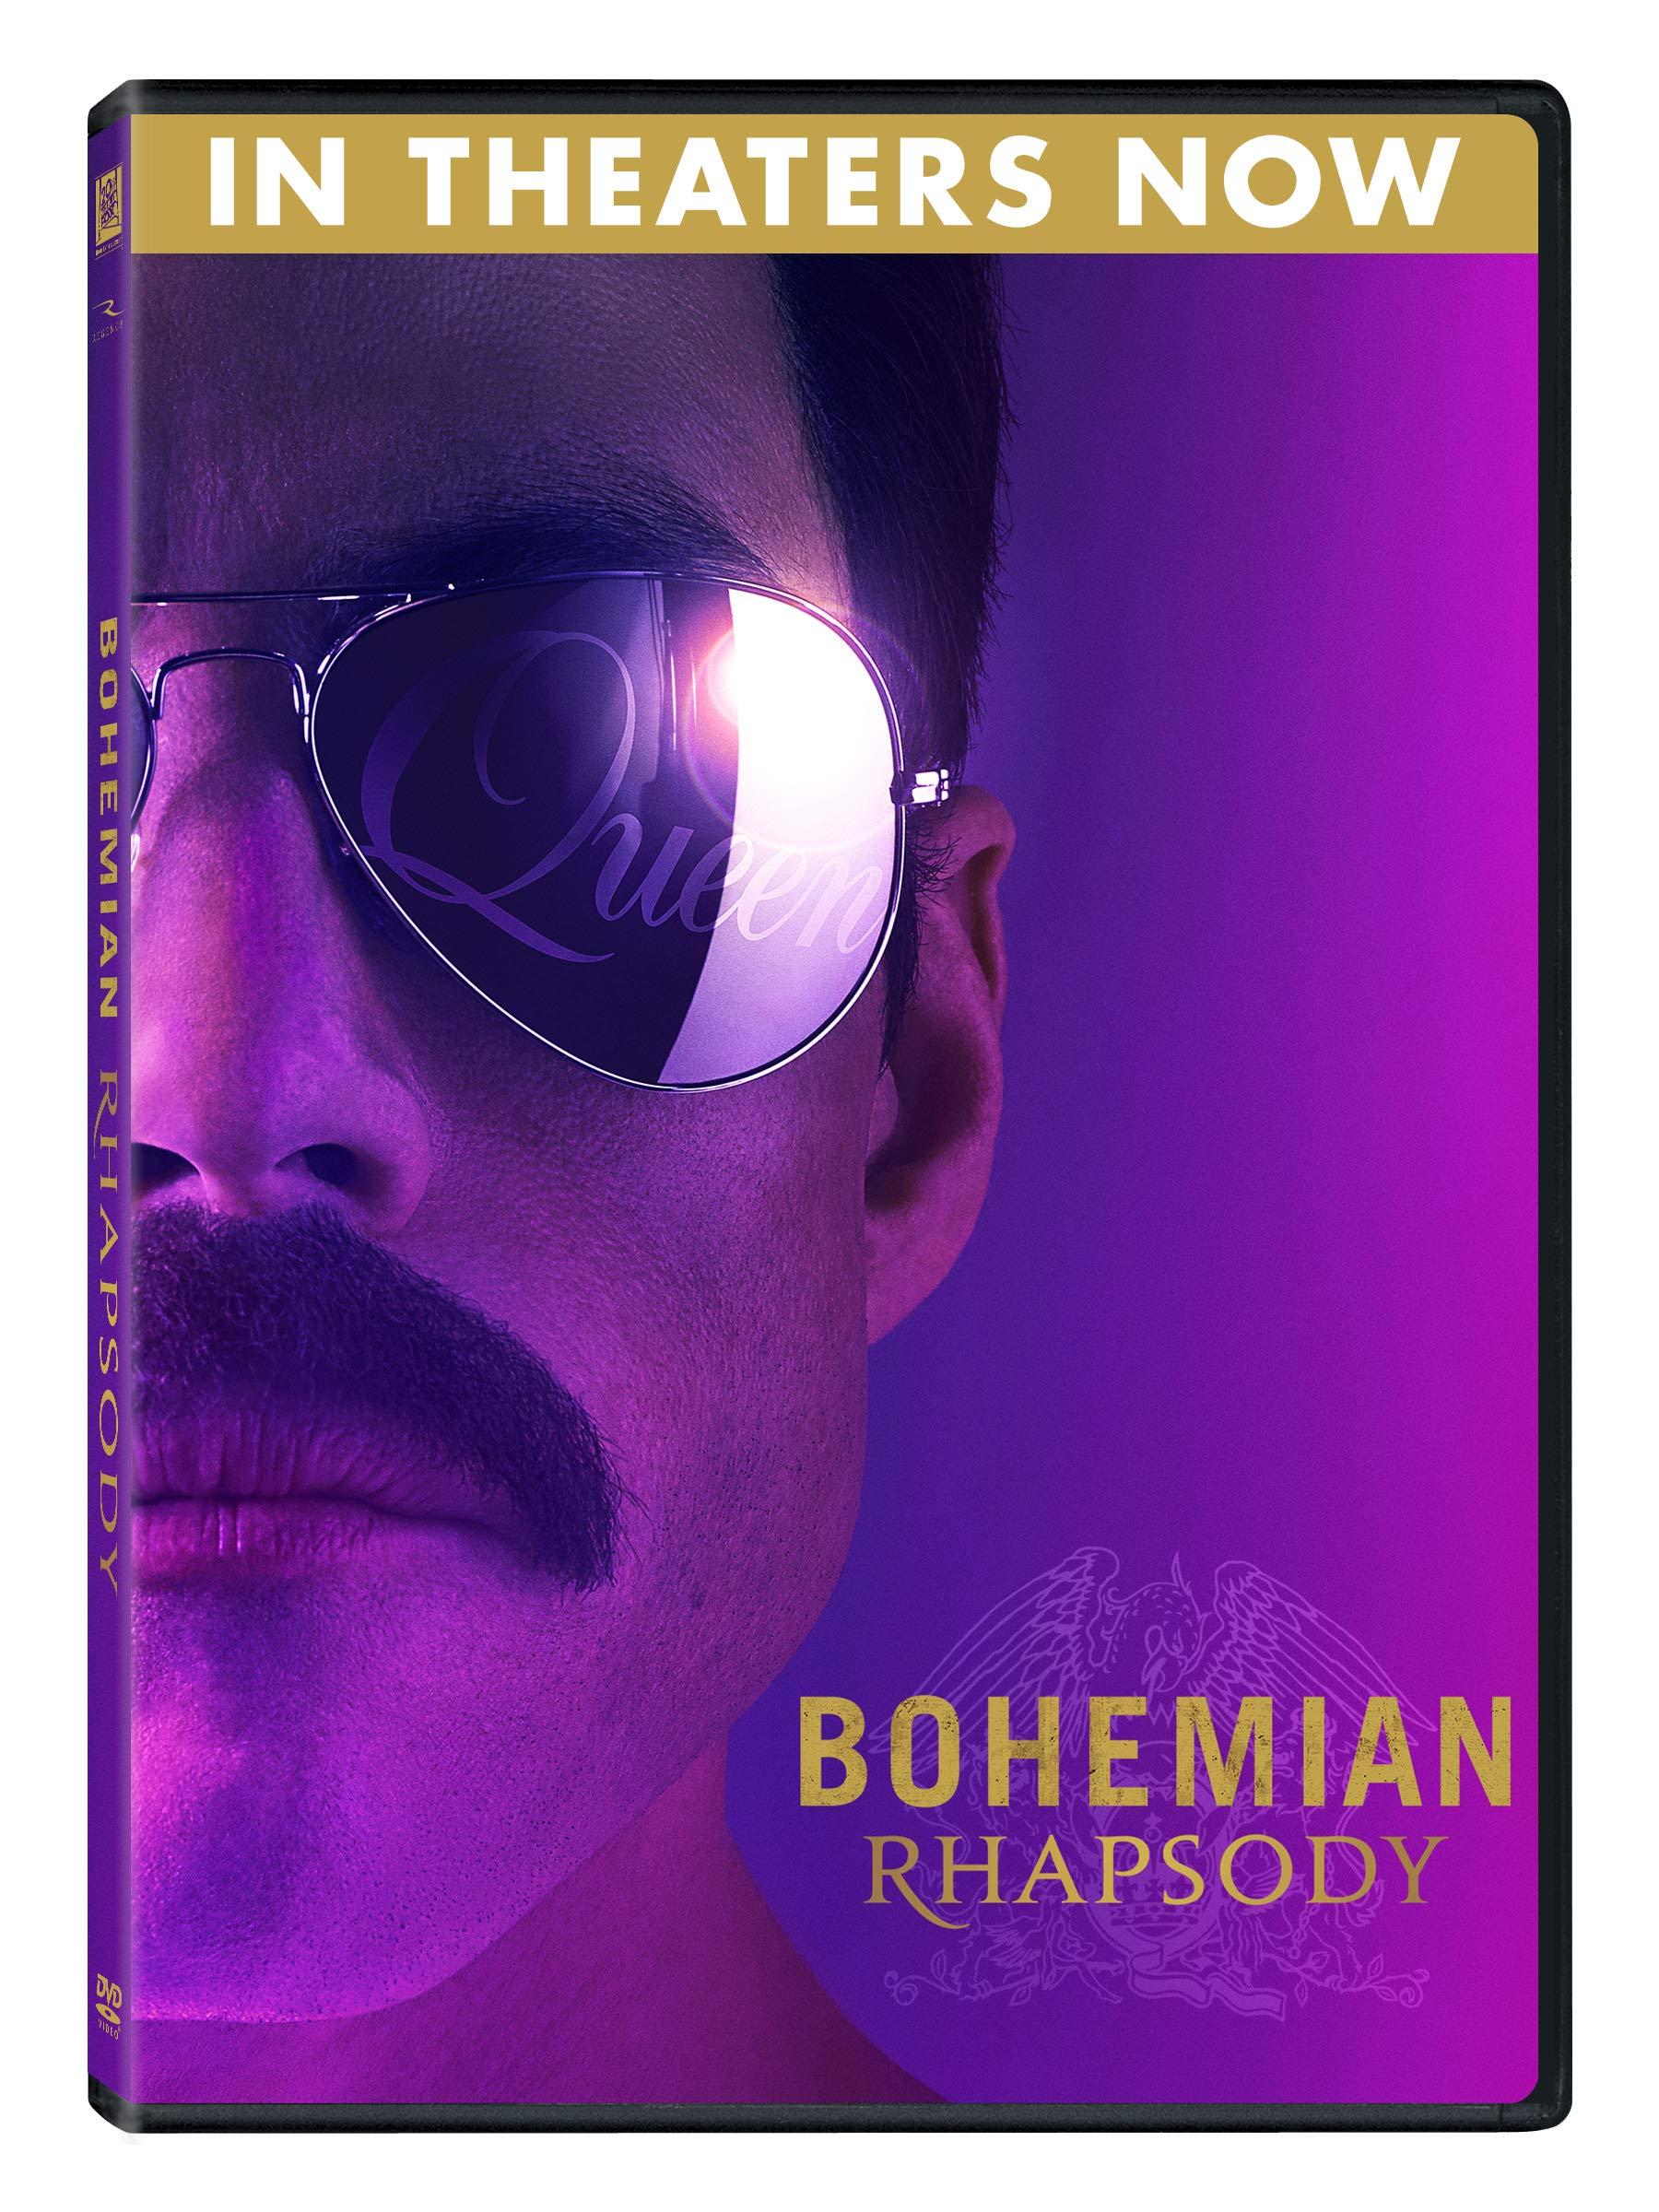 DVD : Queen - bohemian rhapsody